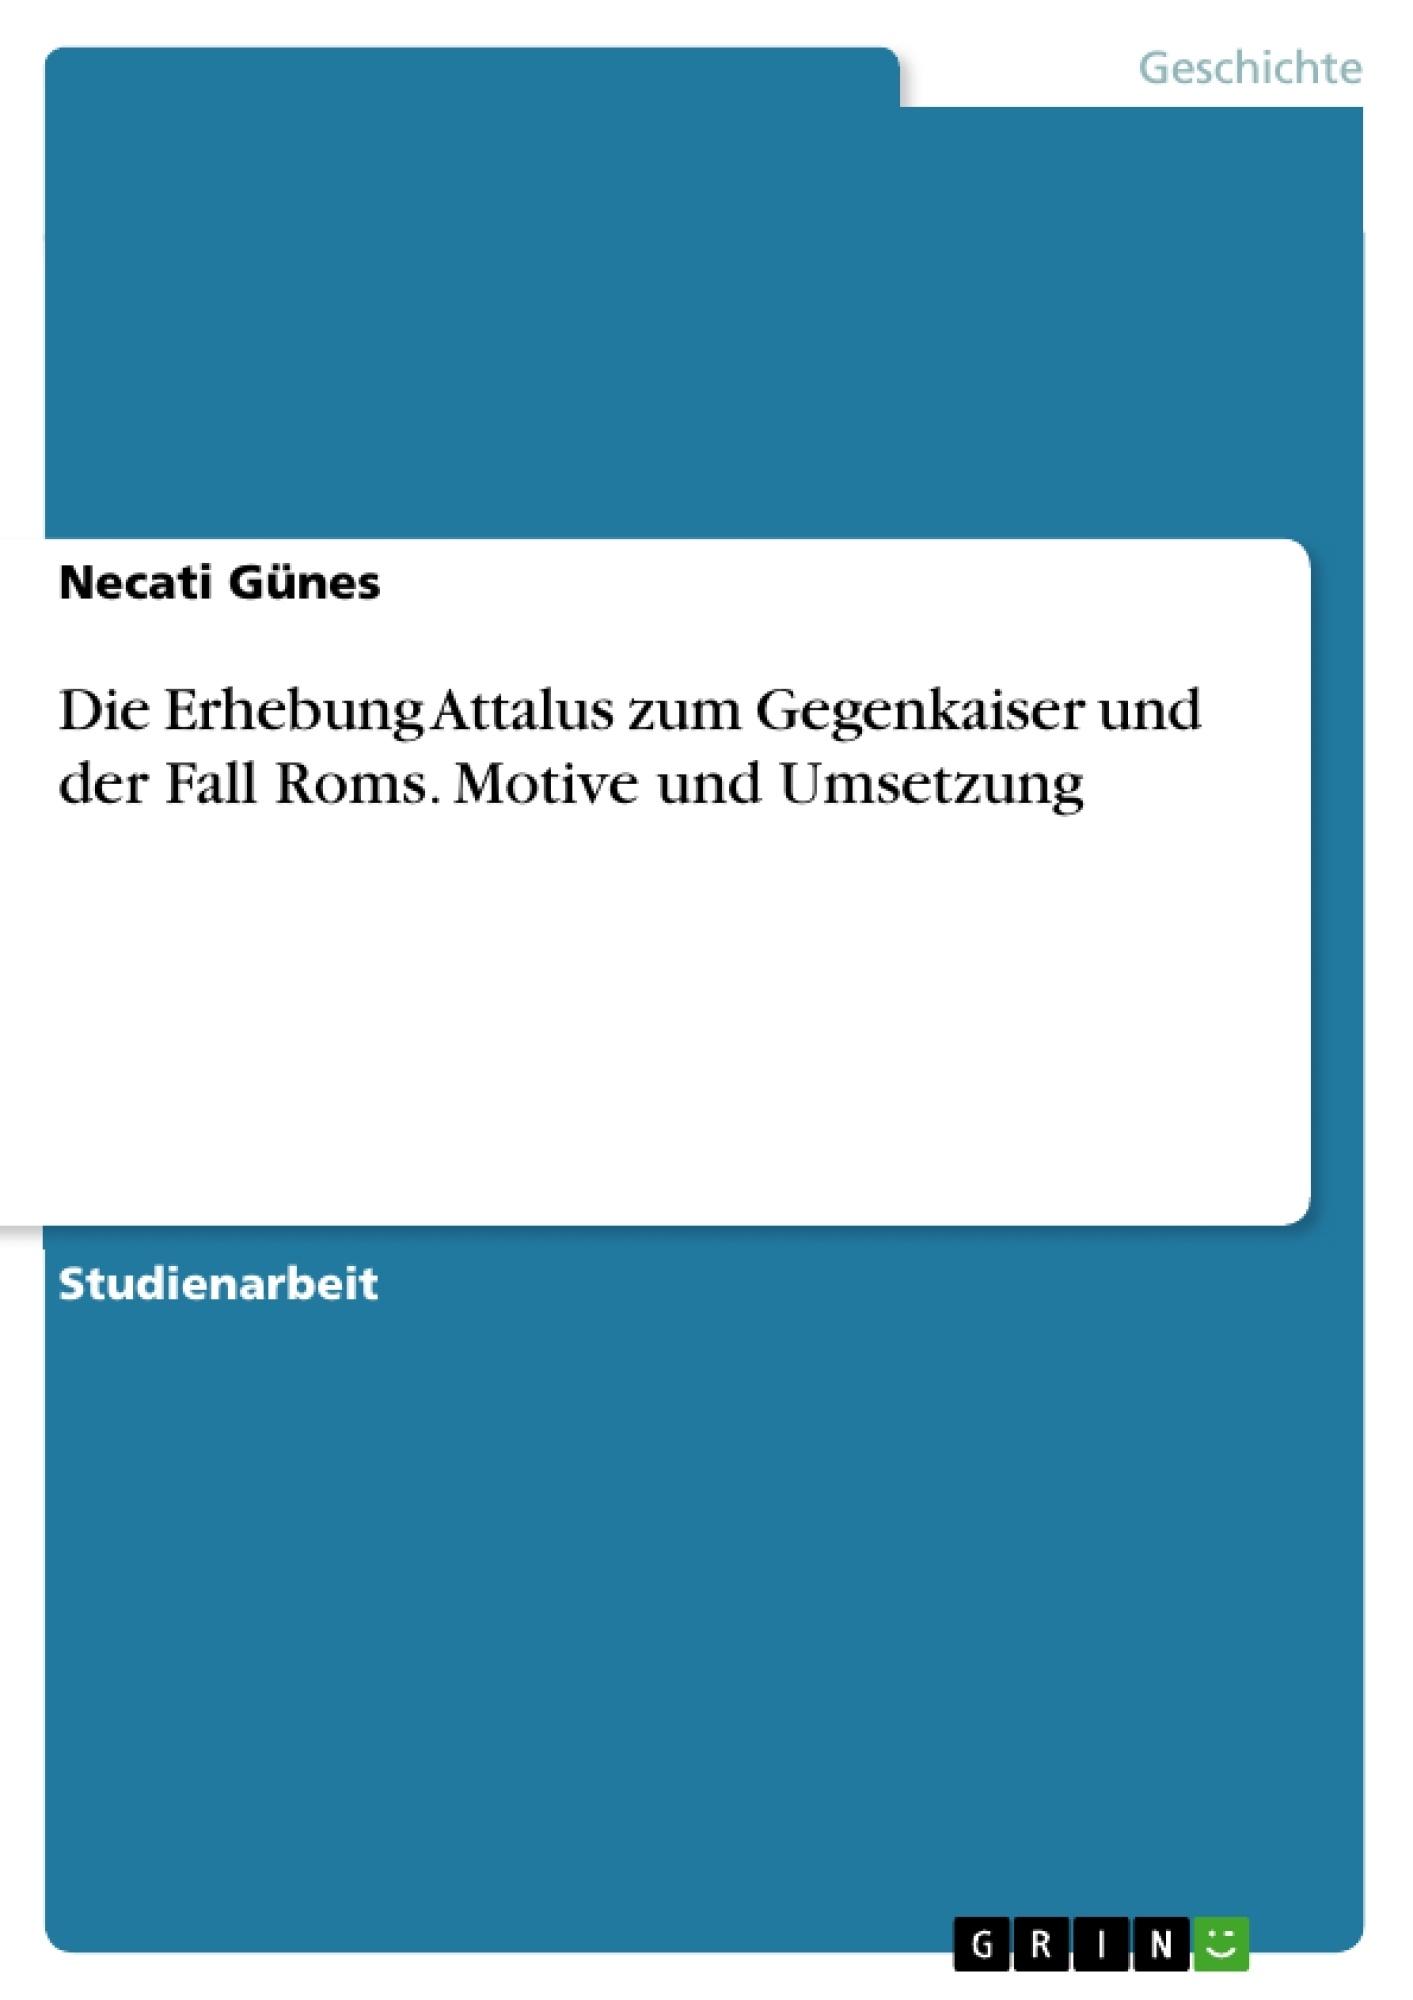 Titel: Die Erhebung Attalus zum Gegenkaiser und der Fall Roms. Motive und Umsetzung